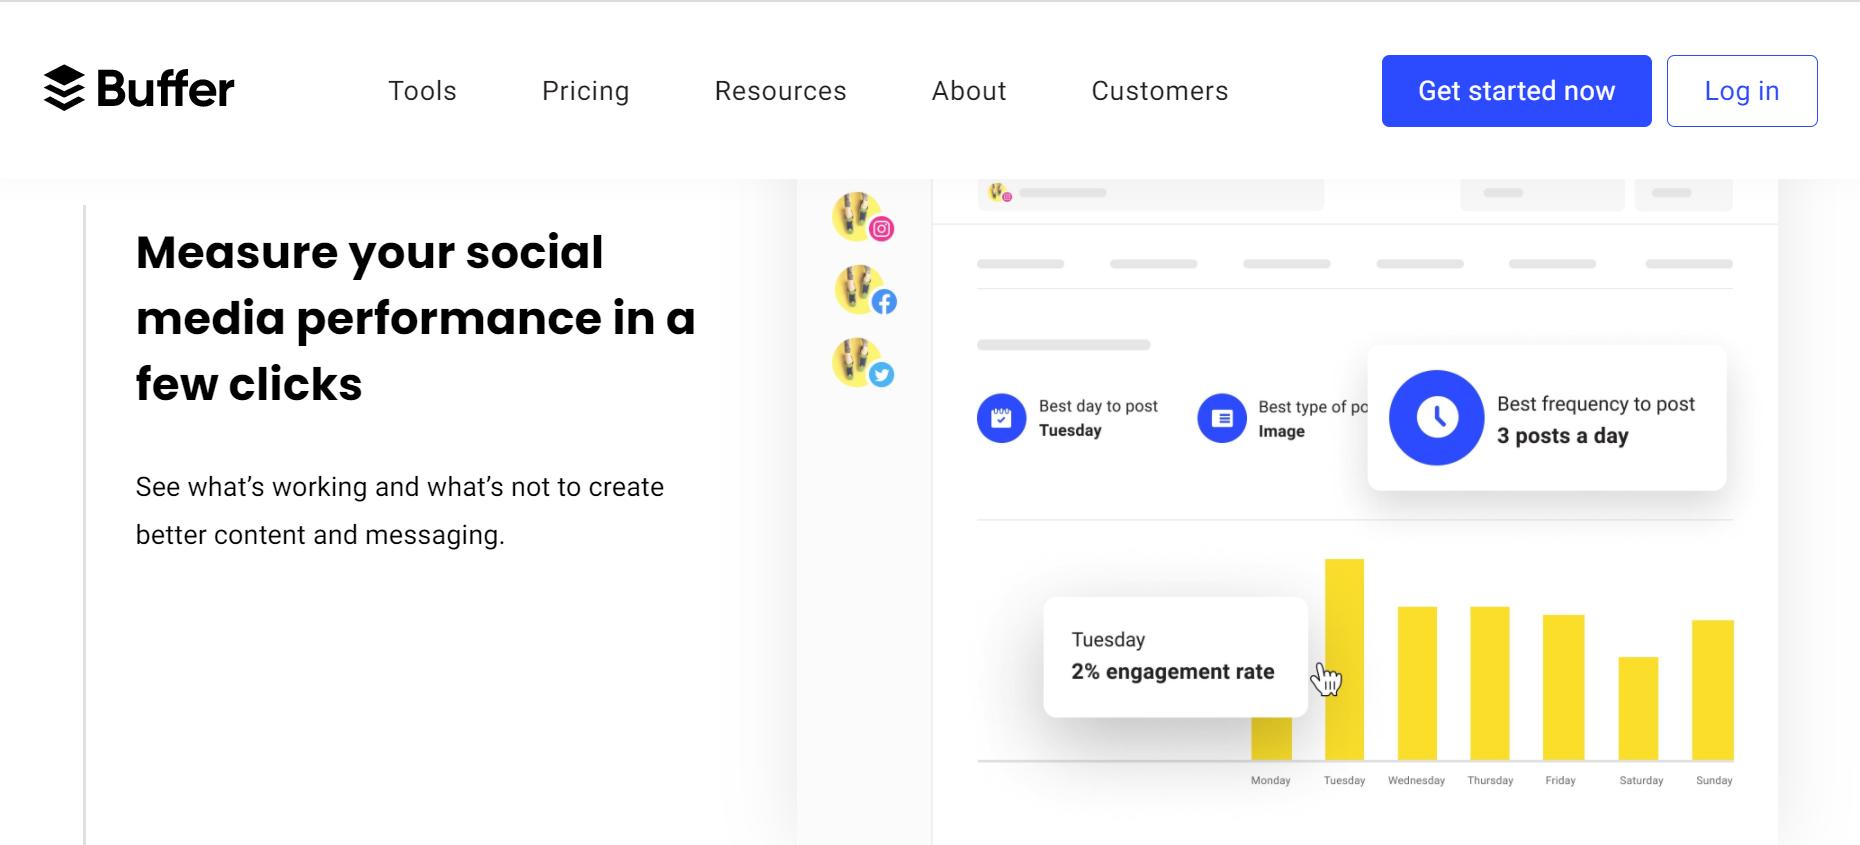 buffer-social-media-marketing-tools